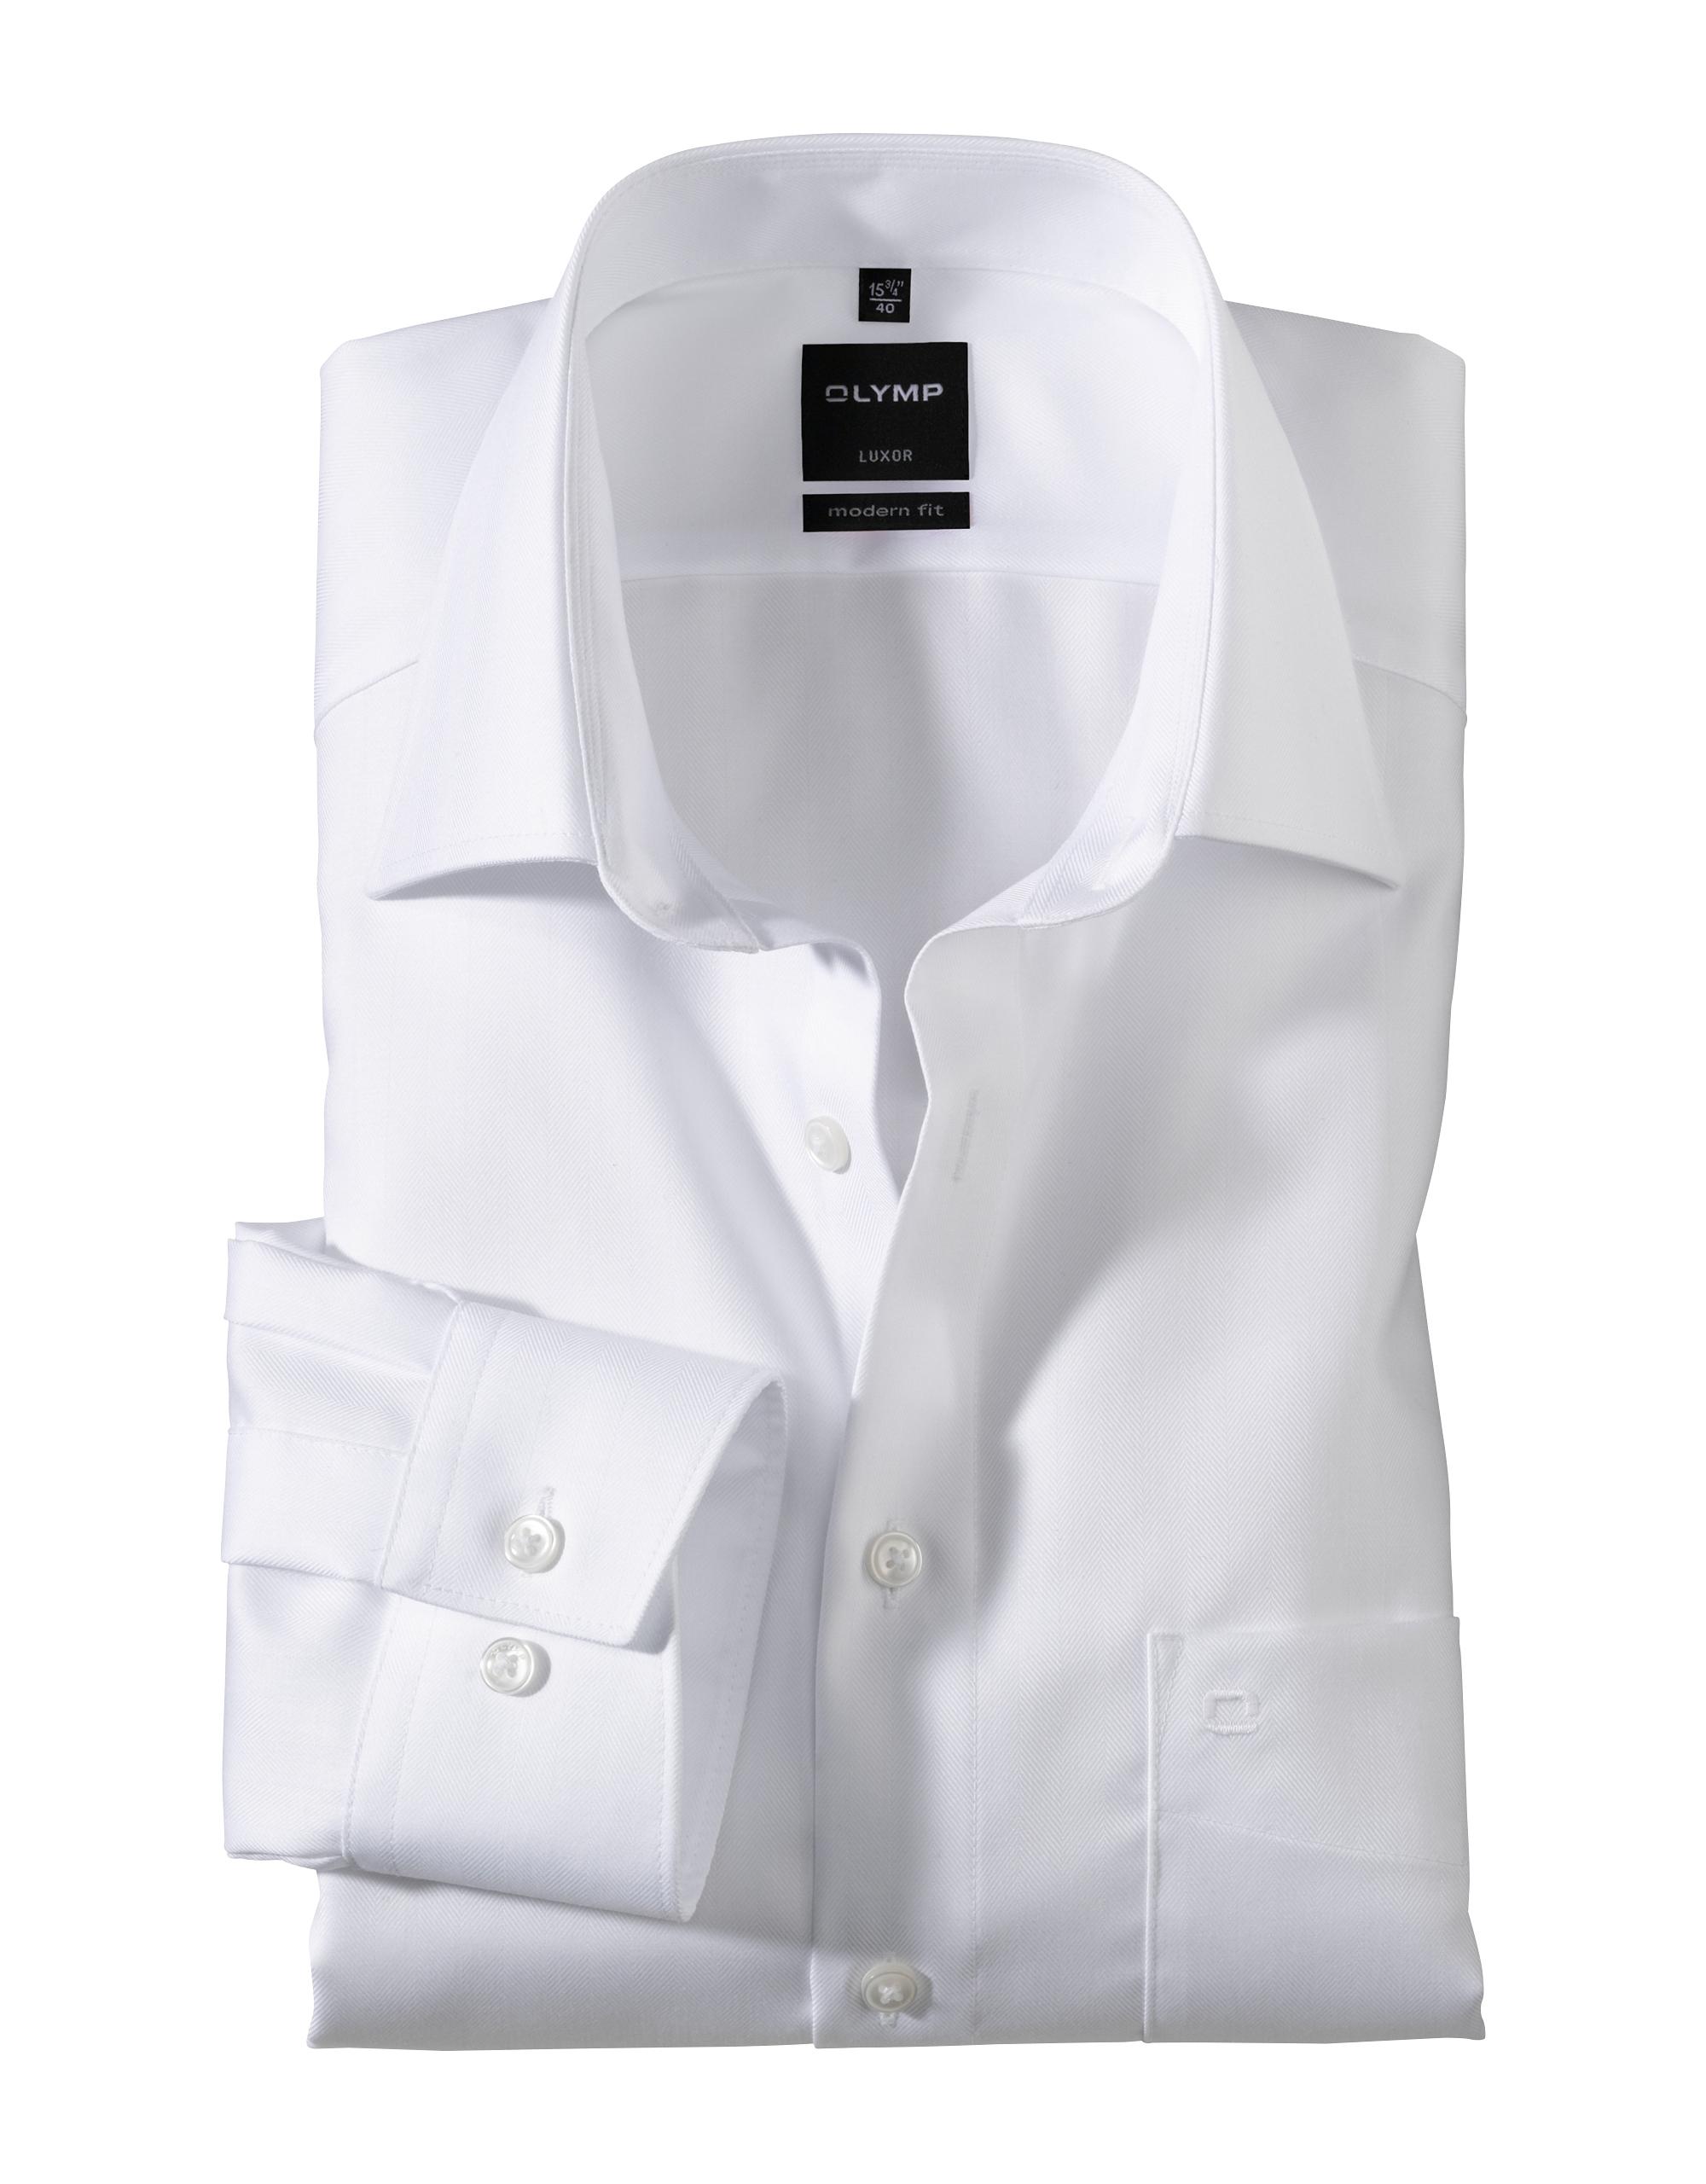 OLYMP Luxor Hemd, modern fit, New Kent, Weiß, 44   Bekleidung > Hemden > Sonstige Hemden   Weiß   100% baumwolle   OLYMP Luxor